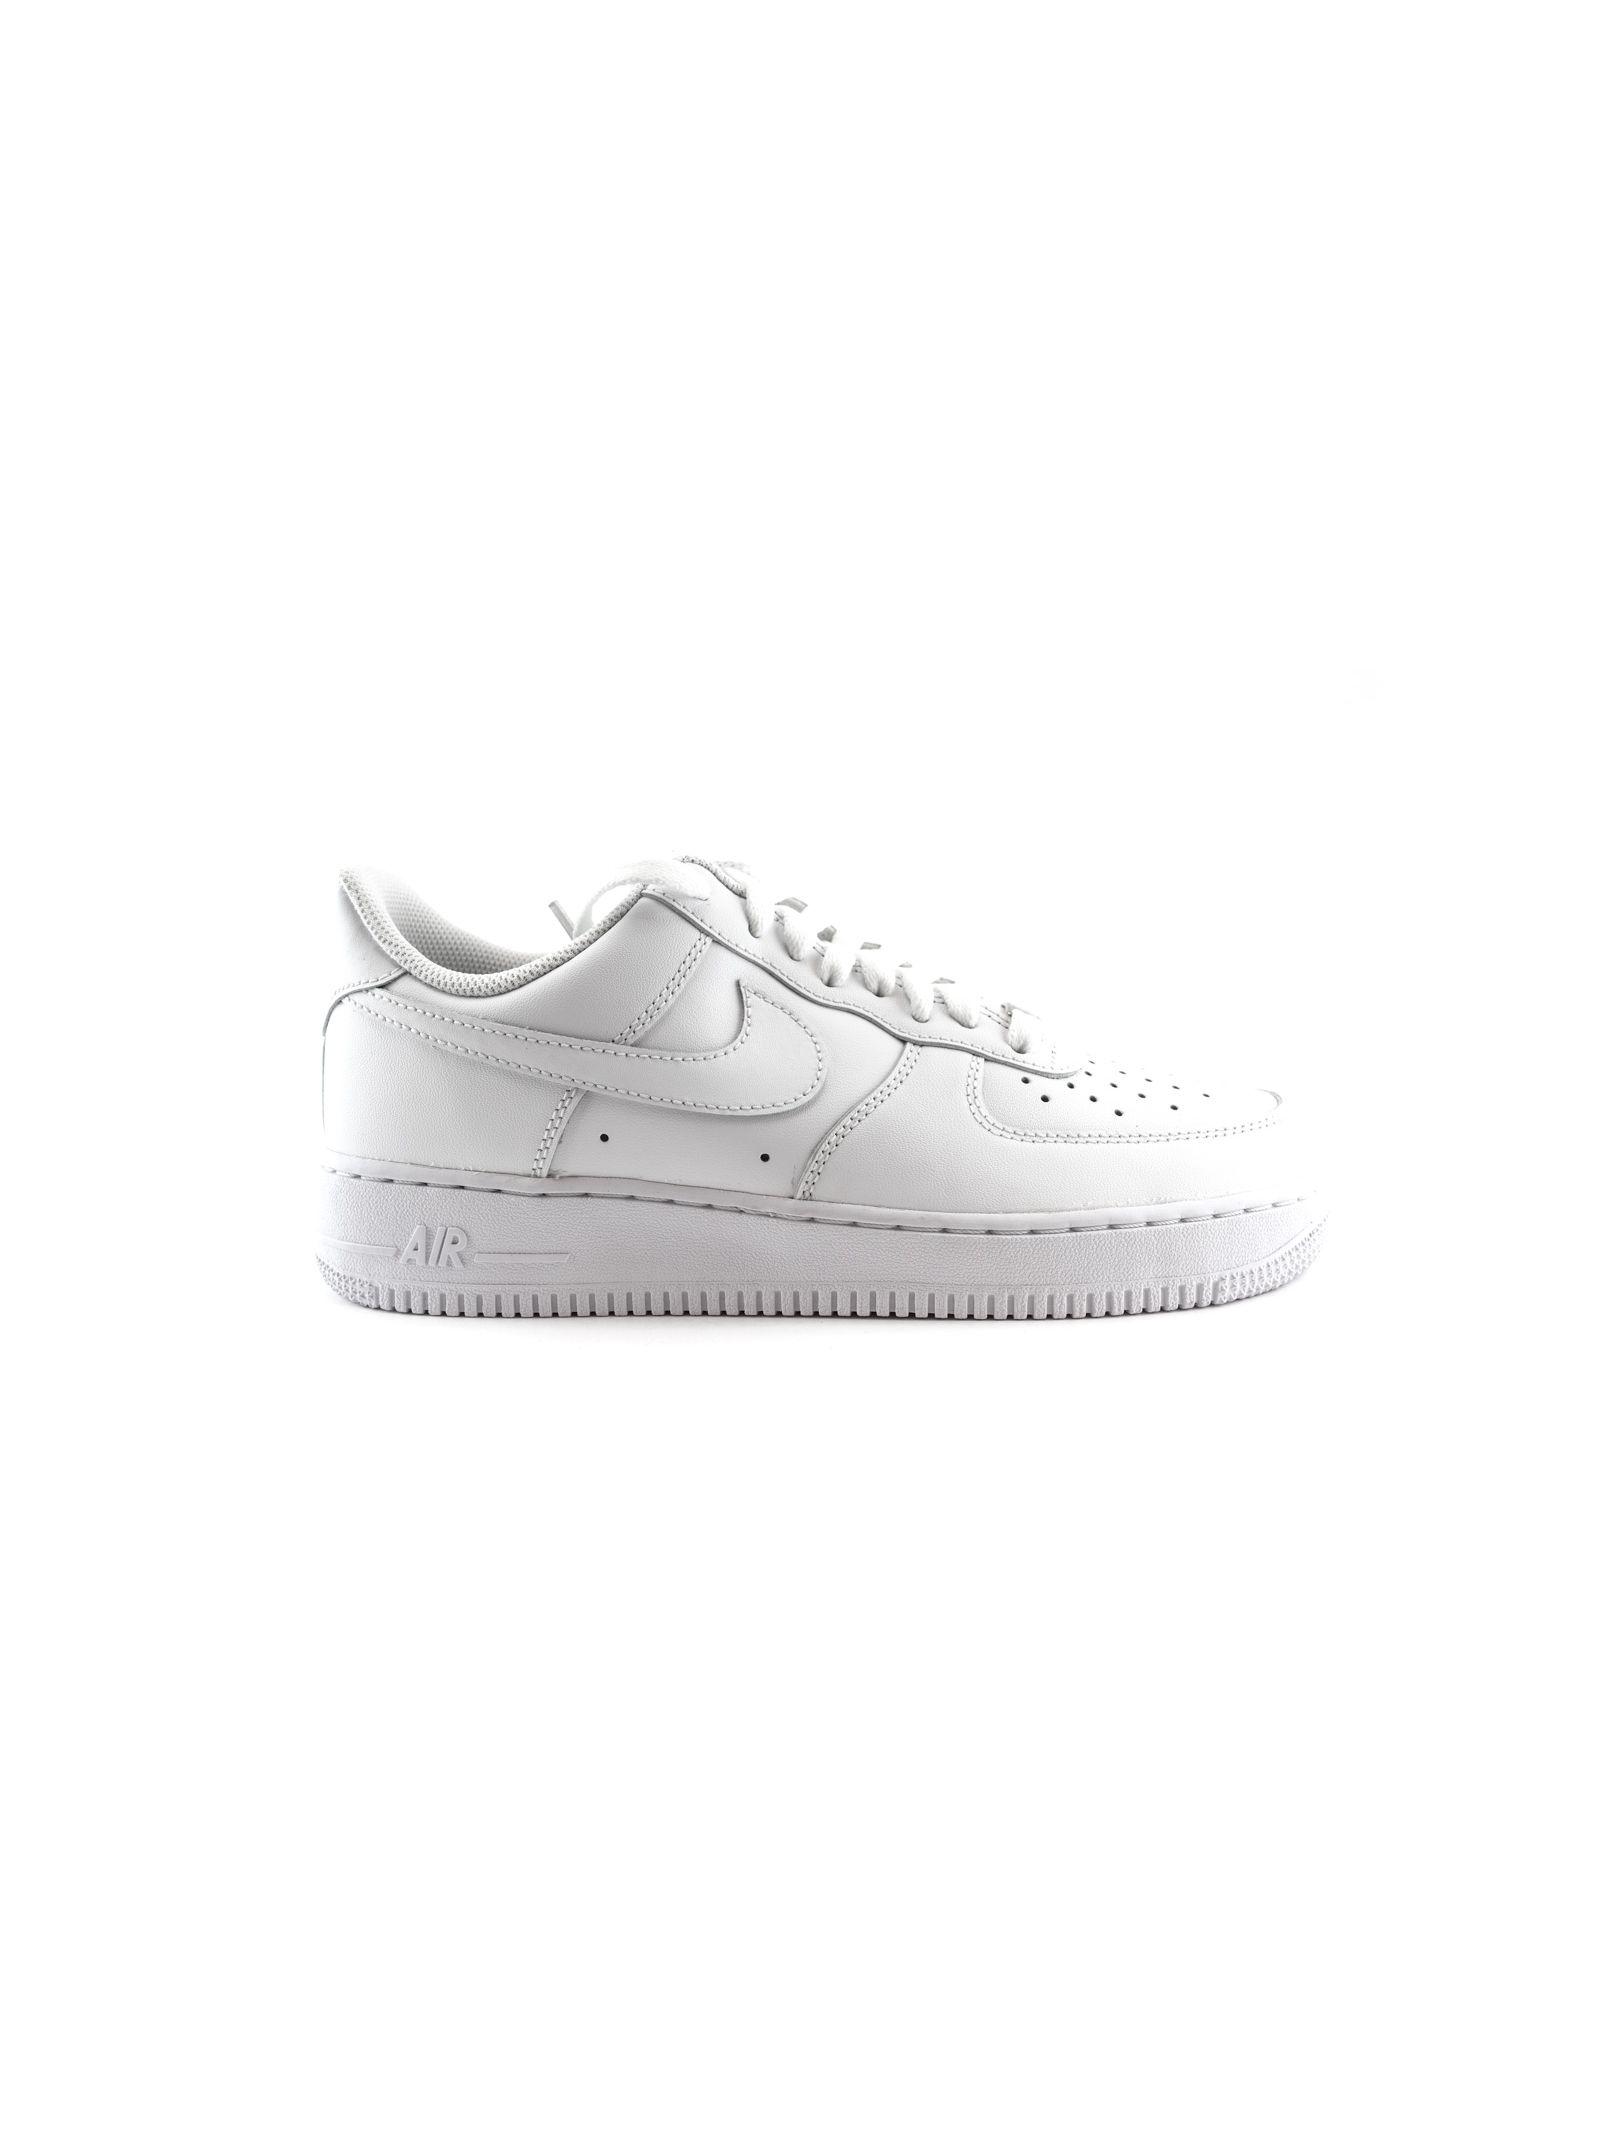 Nike Airforce - Nike - Style Attitude